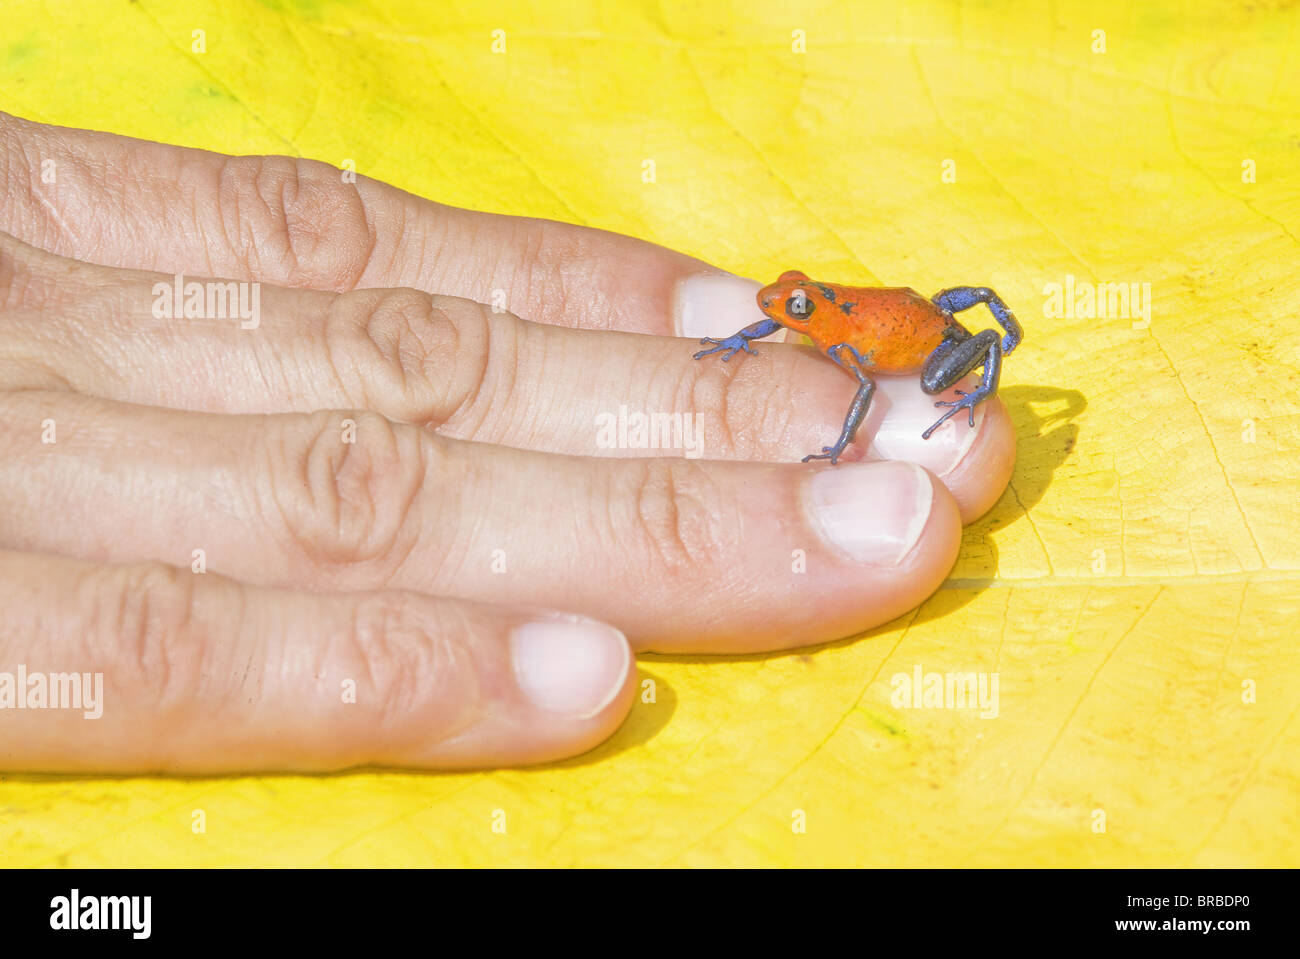 Blaue Jeans dart Frog (Dendrobates Pumilio) auf menschliche Hand, Costa Rica, Mittelamerika Stockbild